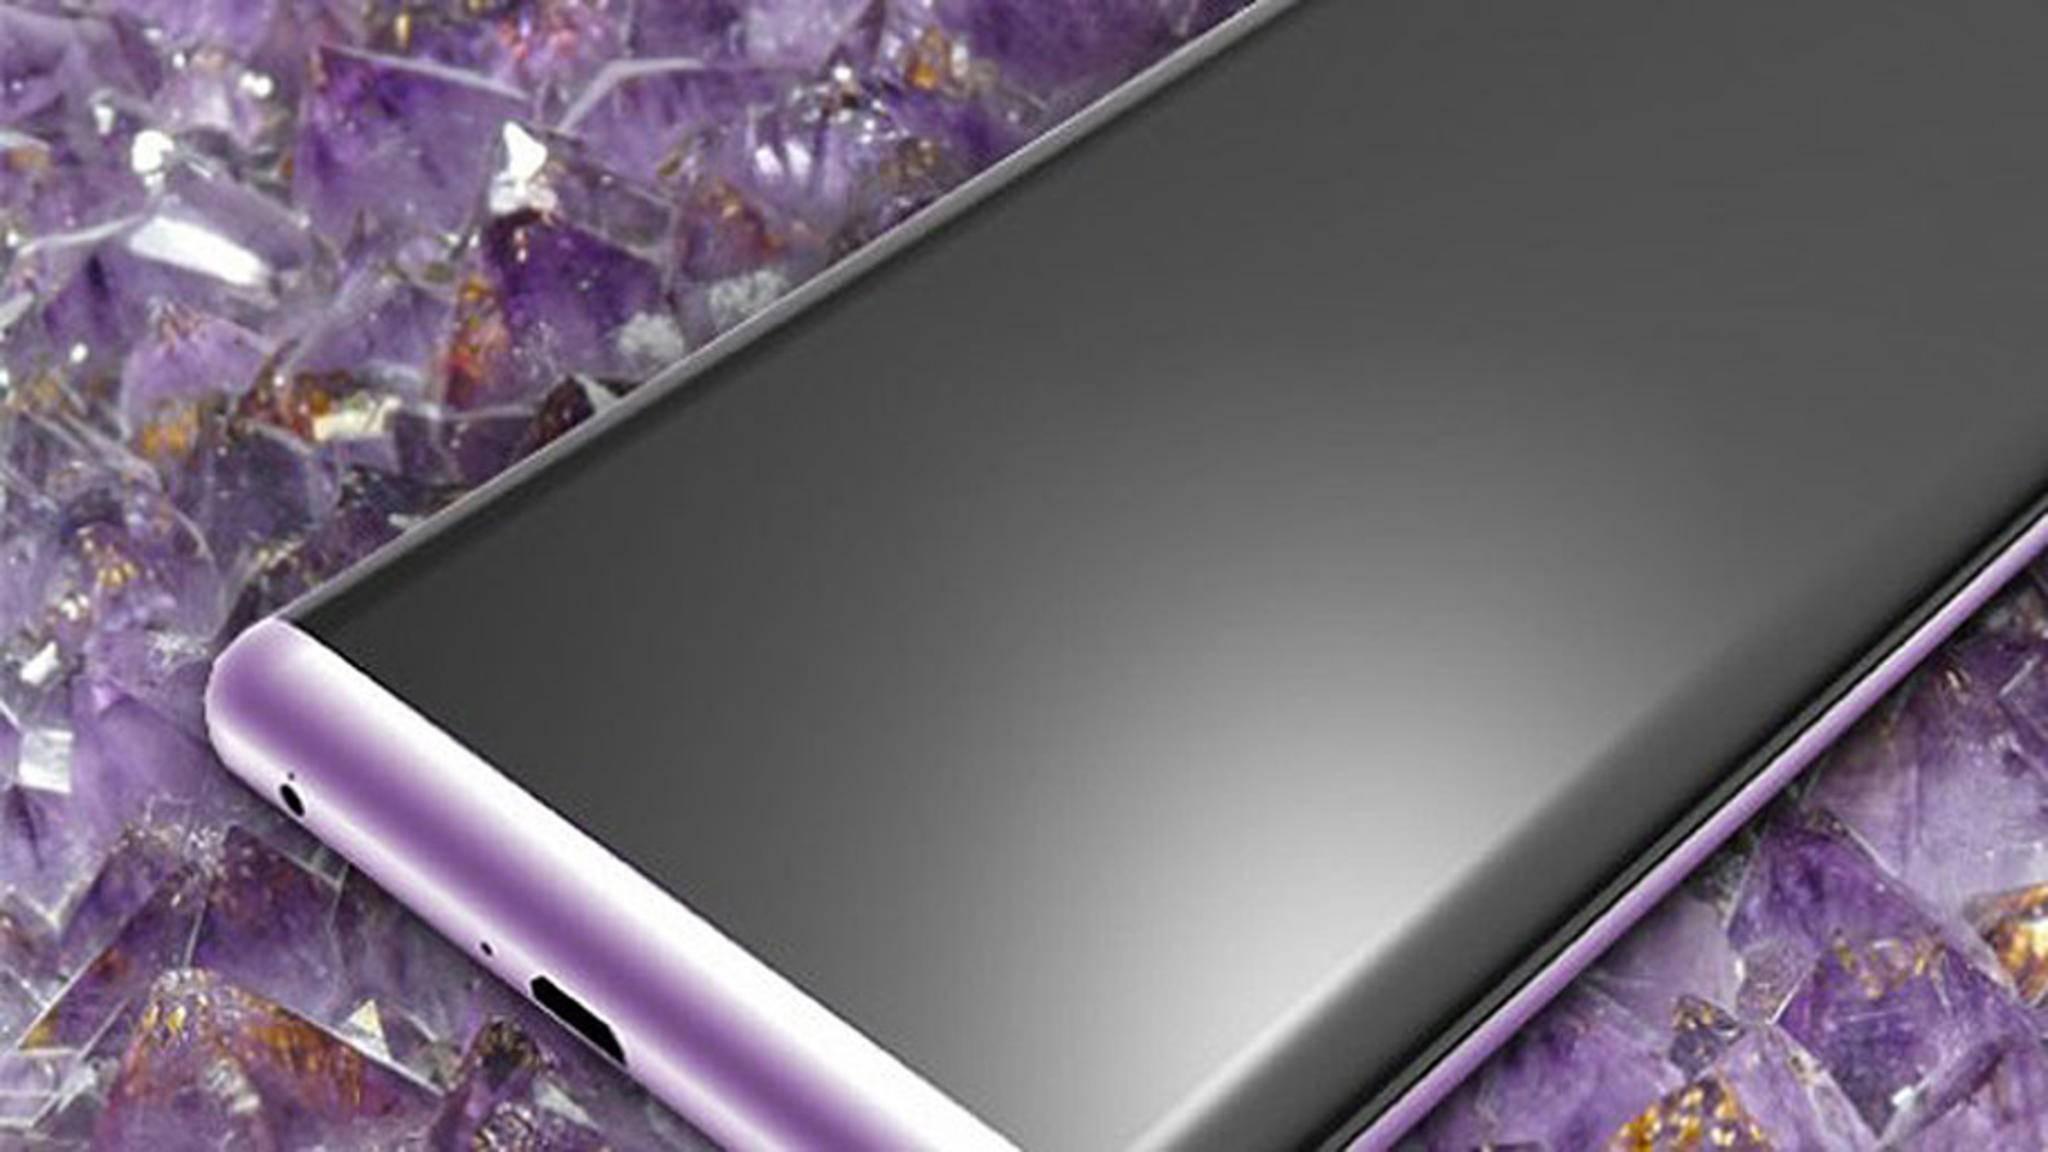 Das kommende Samsung Galaxy S8 in Amethyst.